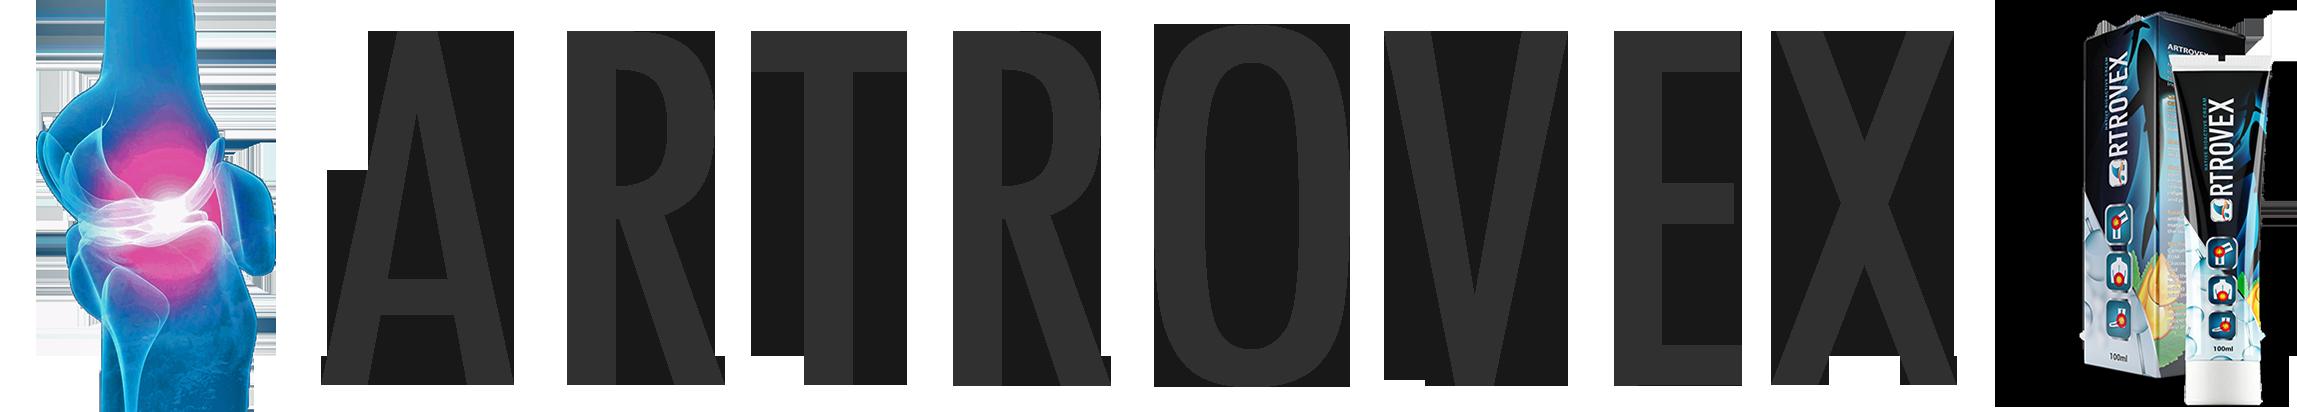 Artrovex – Portugal – Como usar – Encomendar